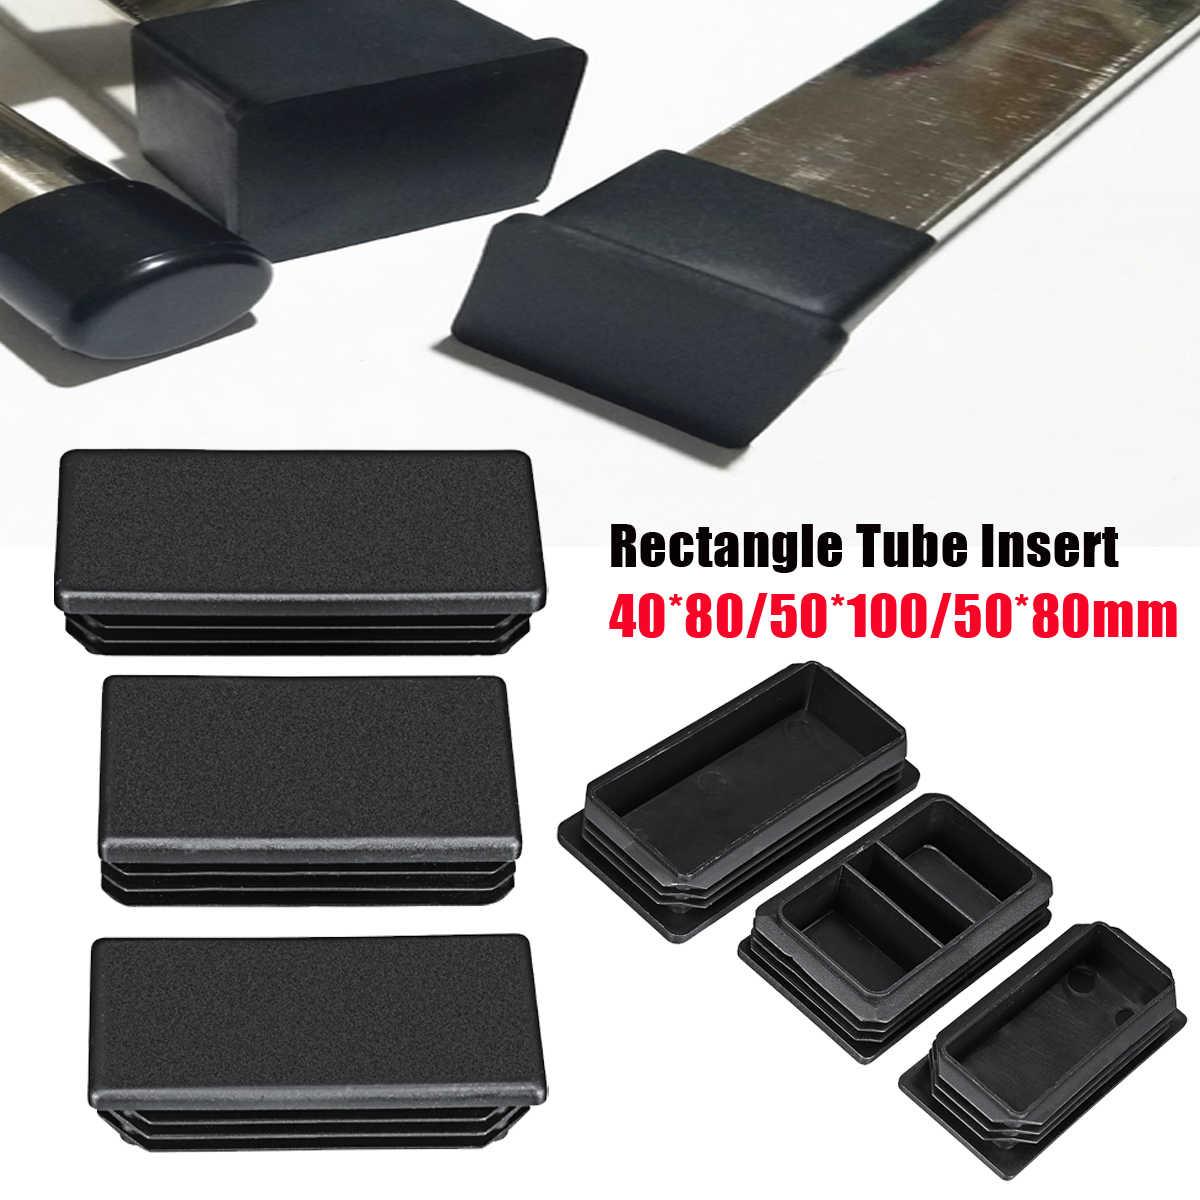 جديد 40x80/50x100/50x80 مستطيل أنابيب إدراج غطاء طرف بلاستيكي التشطيب التوصيل مستطيل حفرة إدراج